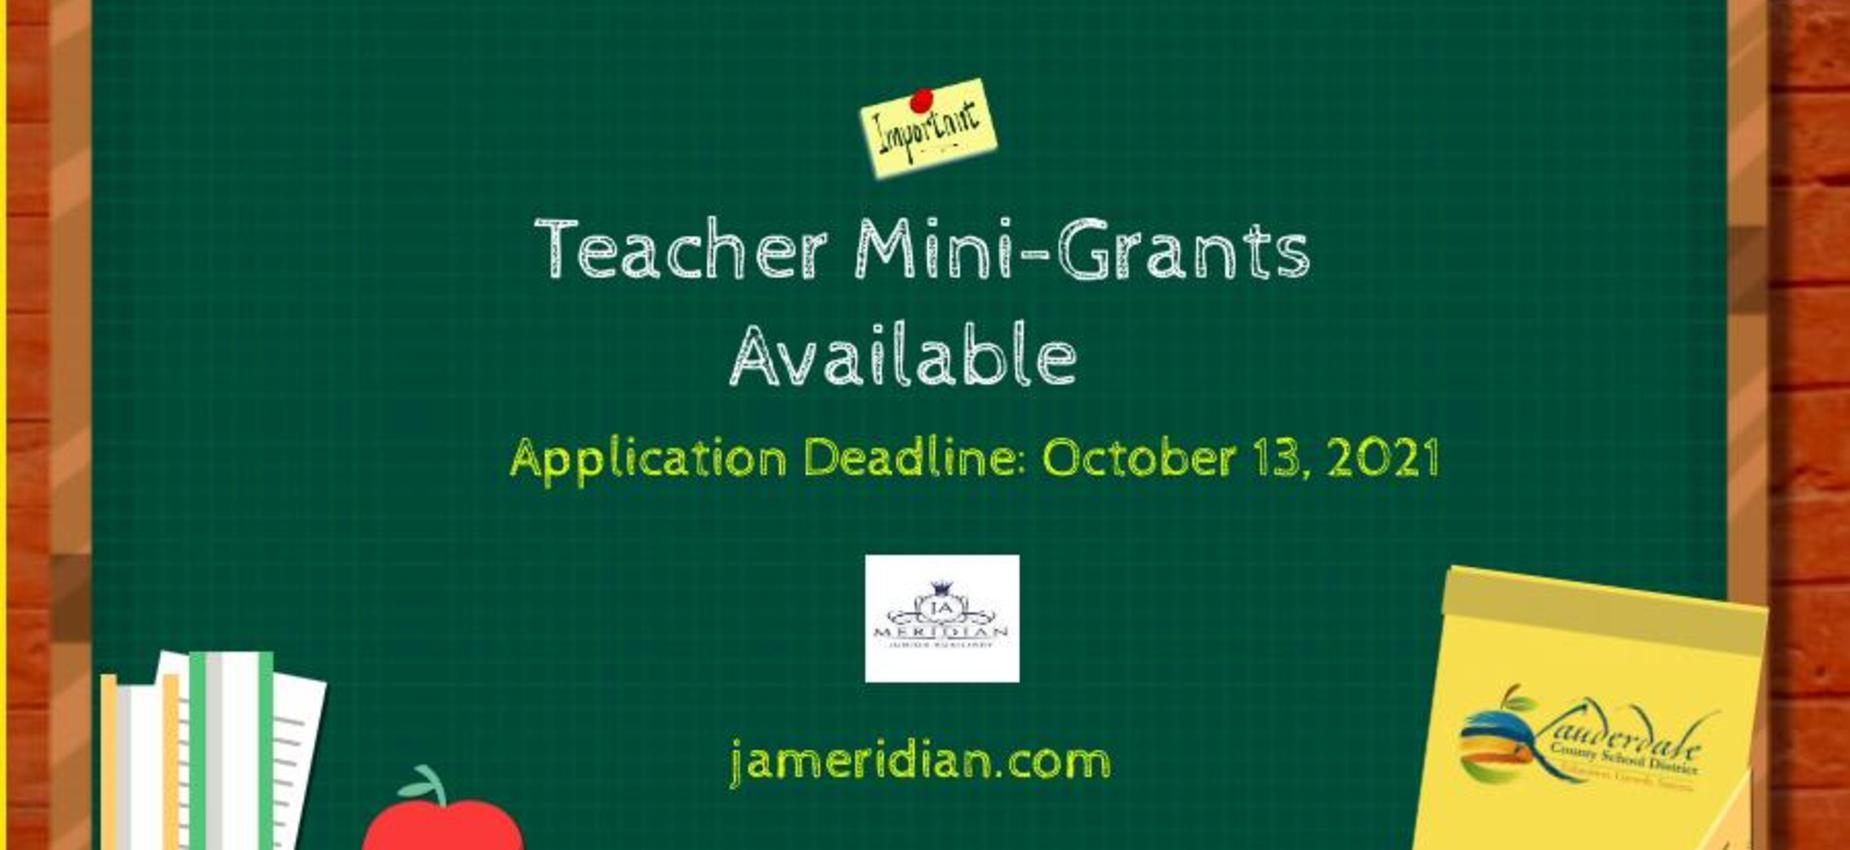 Teacher Mini-Grants Available